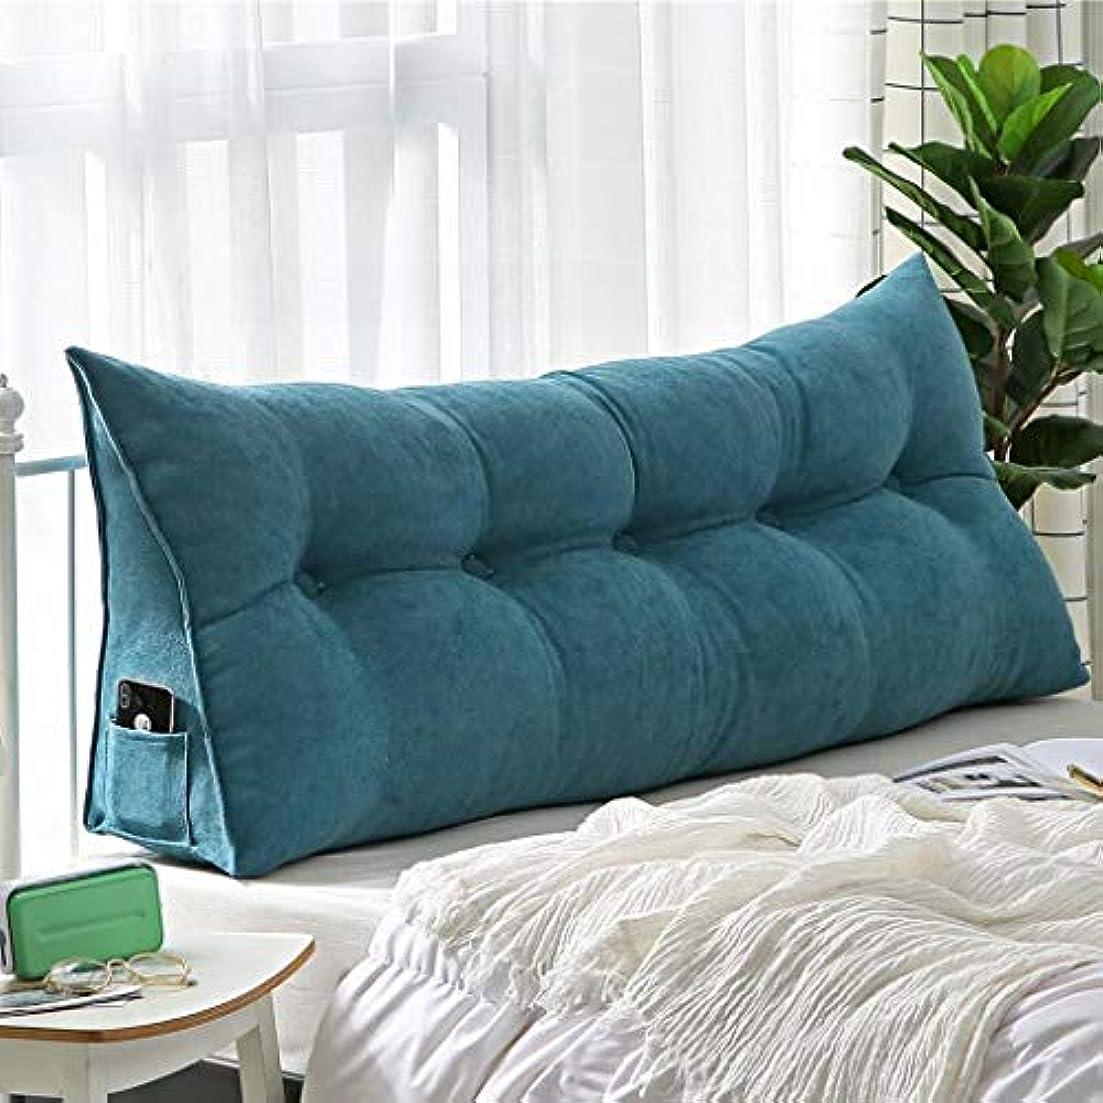 成り立つすべきヤングベッドサイドクッション三角形ダブルソファ大背もたれマルチサイズカラーオプションのソフトパックベッド枕ベッド Zsetop (Color : D, Size : 120*50cm)